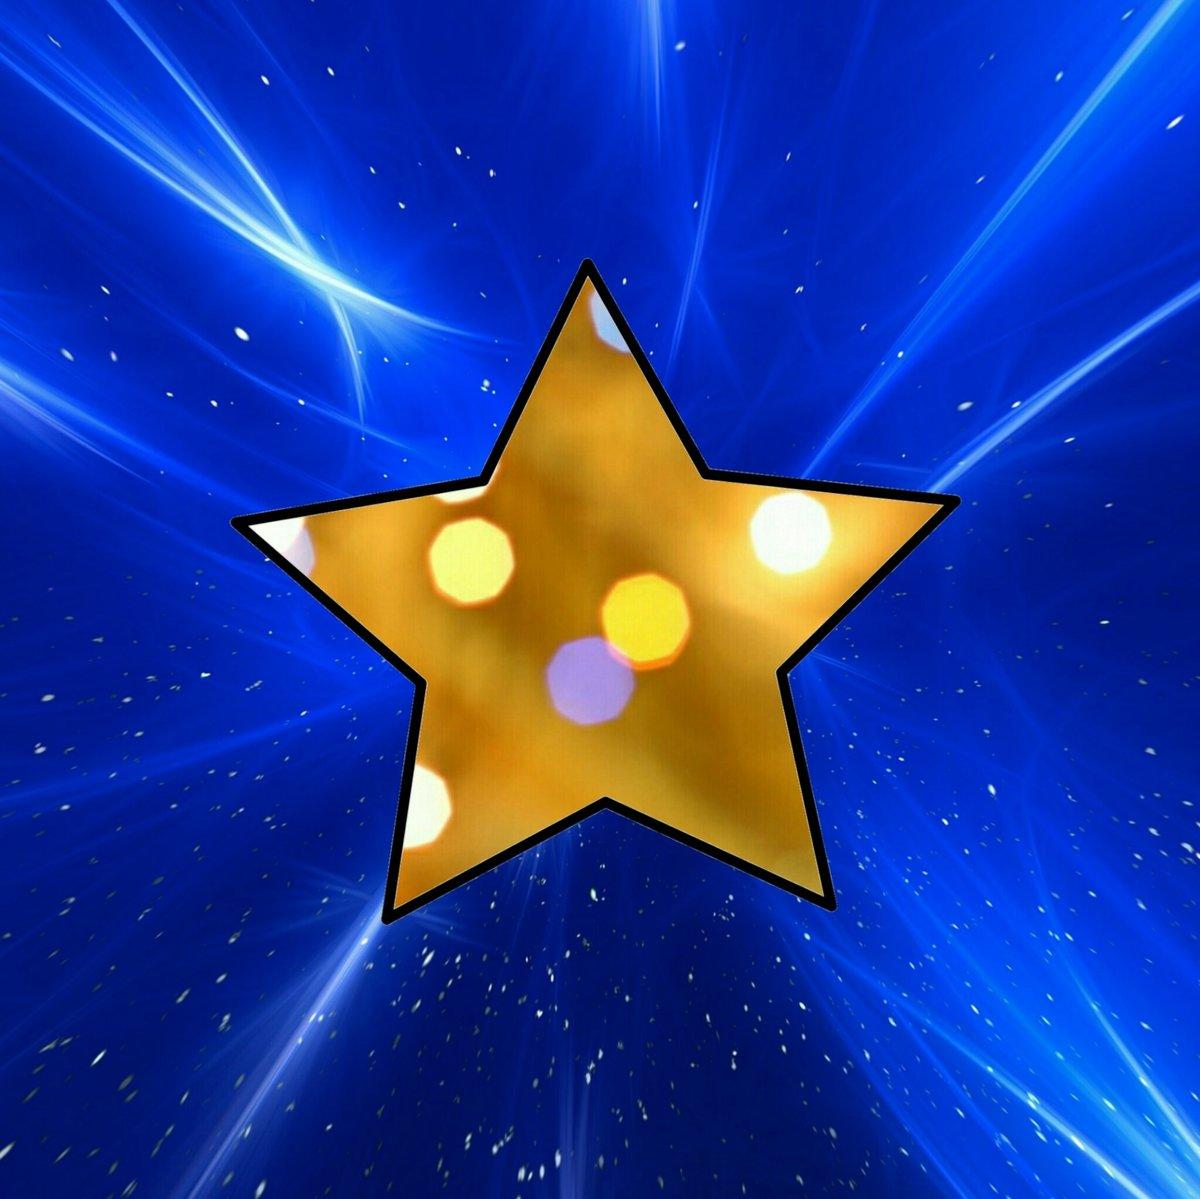 Звезда с праздником днем